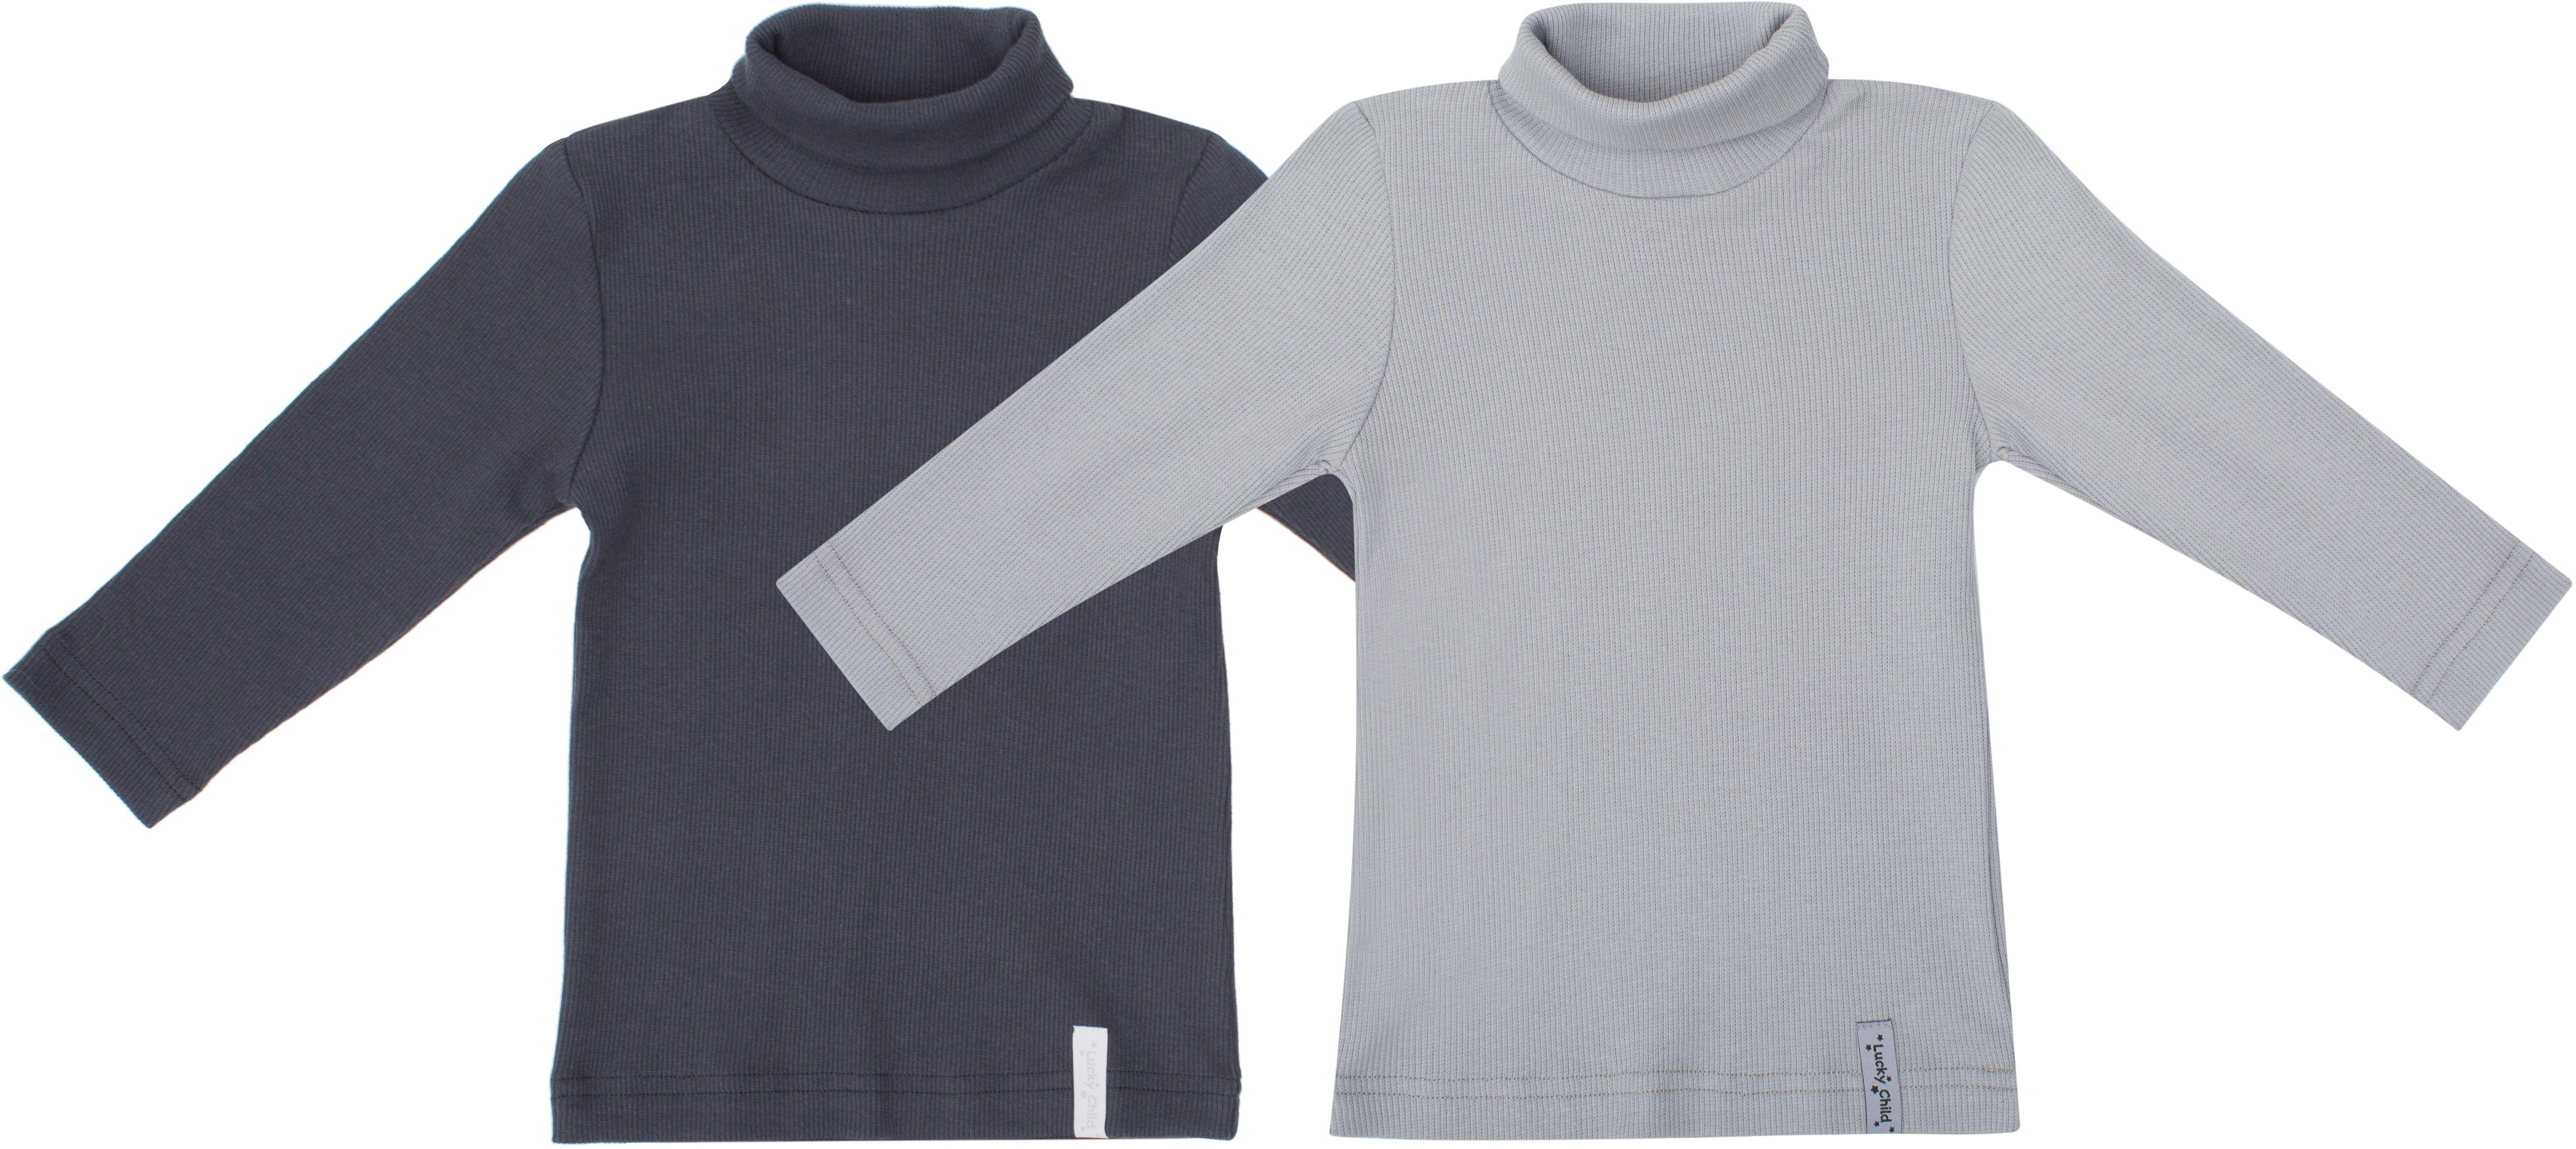 Водолазка для мальчика Lucky Child Дуэт, цвет: серый, темно-серый, 2 шт. 33-23. Размер 74/8033-23Водолазки давно покорили все мировые подиумы. Этот предмет одежды не только стильный, но ещё и функциональный. Водолазки из коллекции Дуэт представлены в двух базовых цветах, их легко сочетать с любой одеждой.